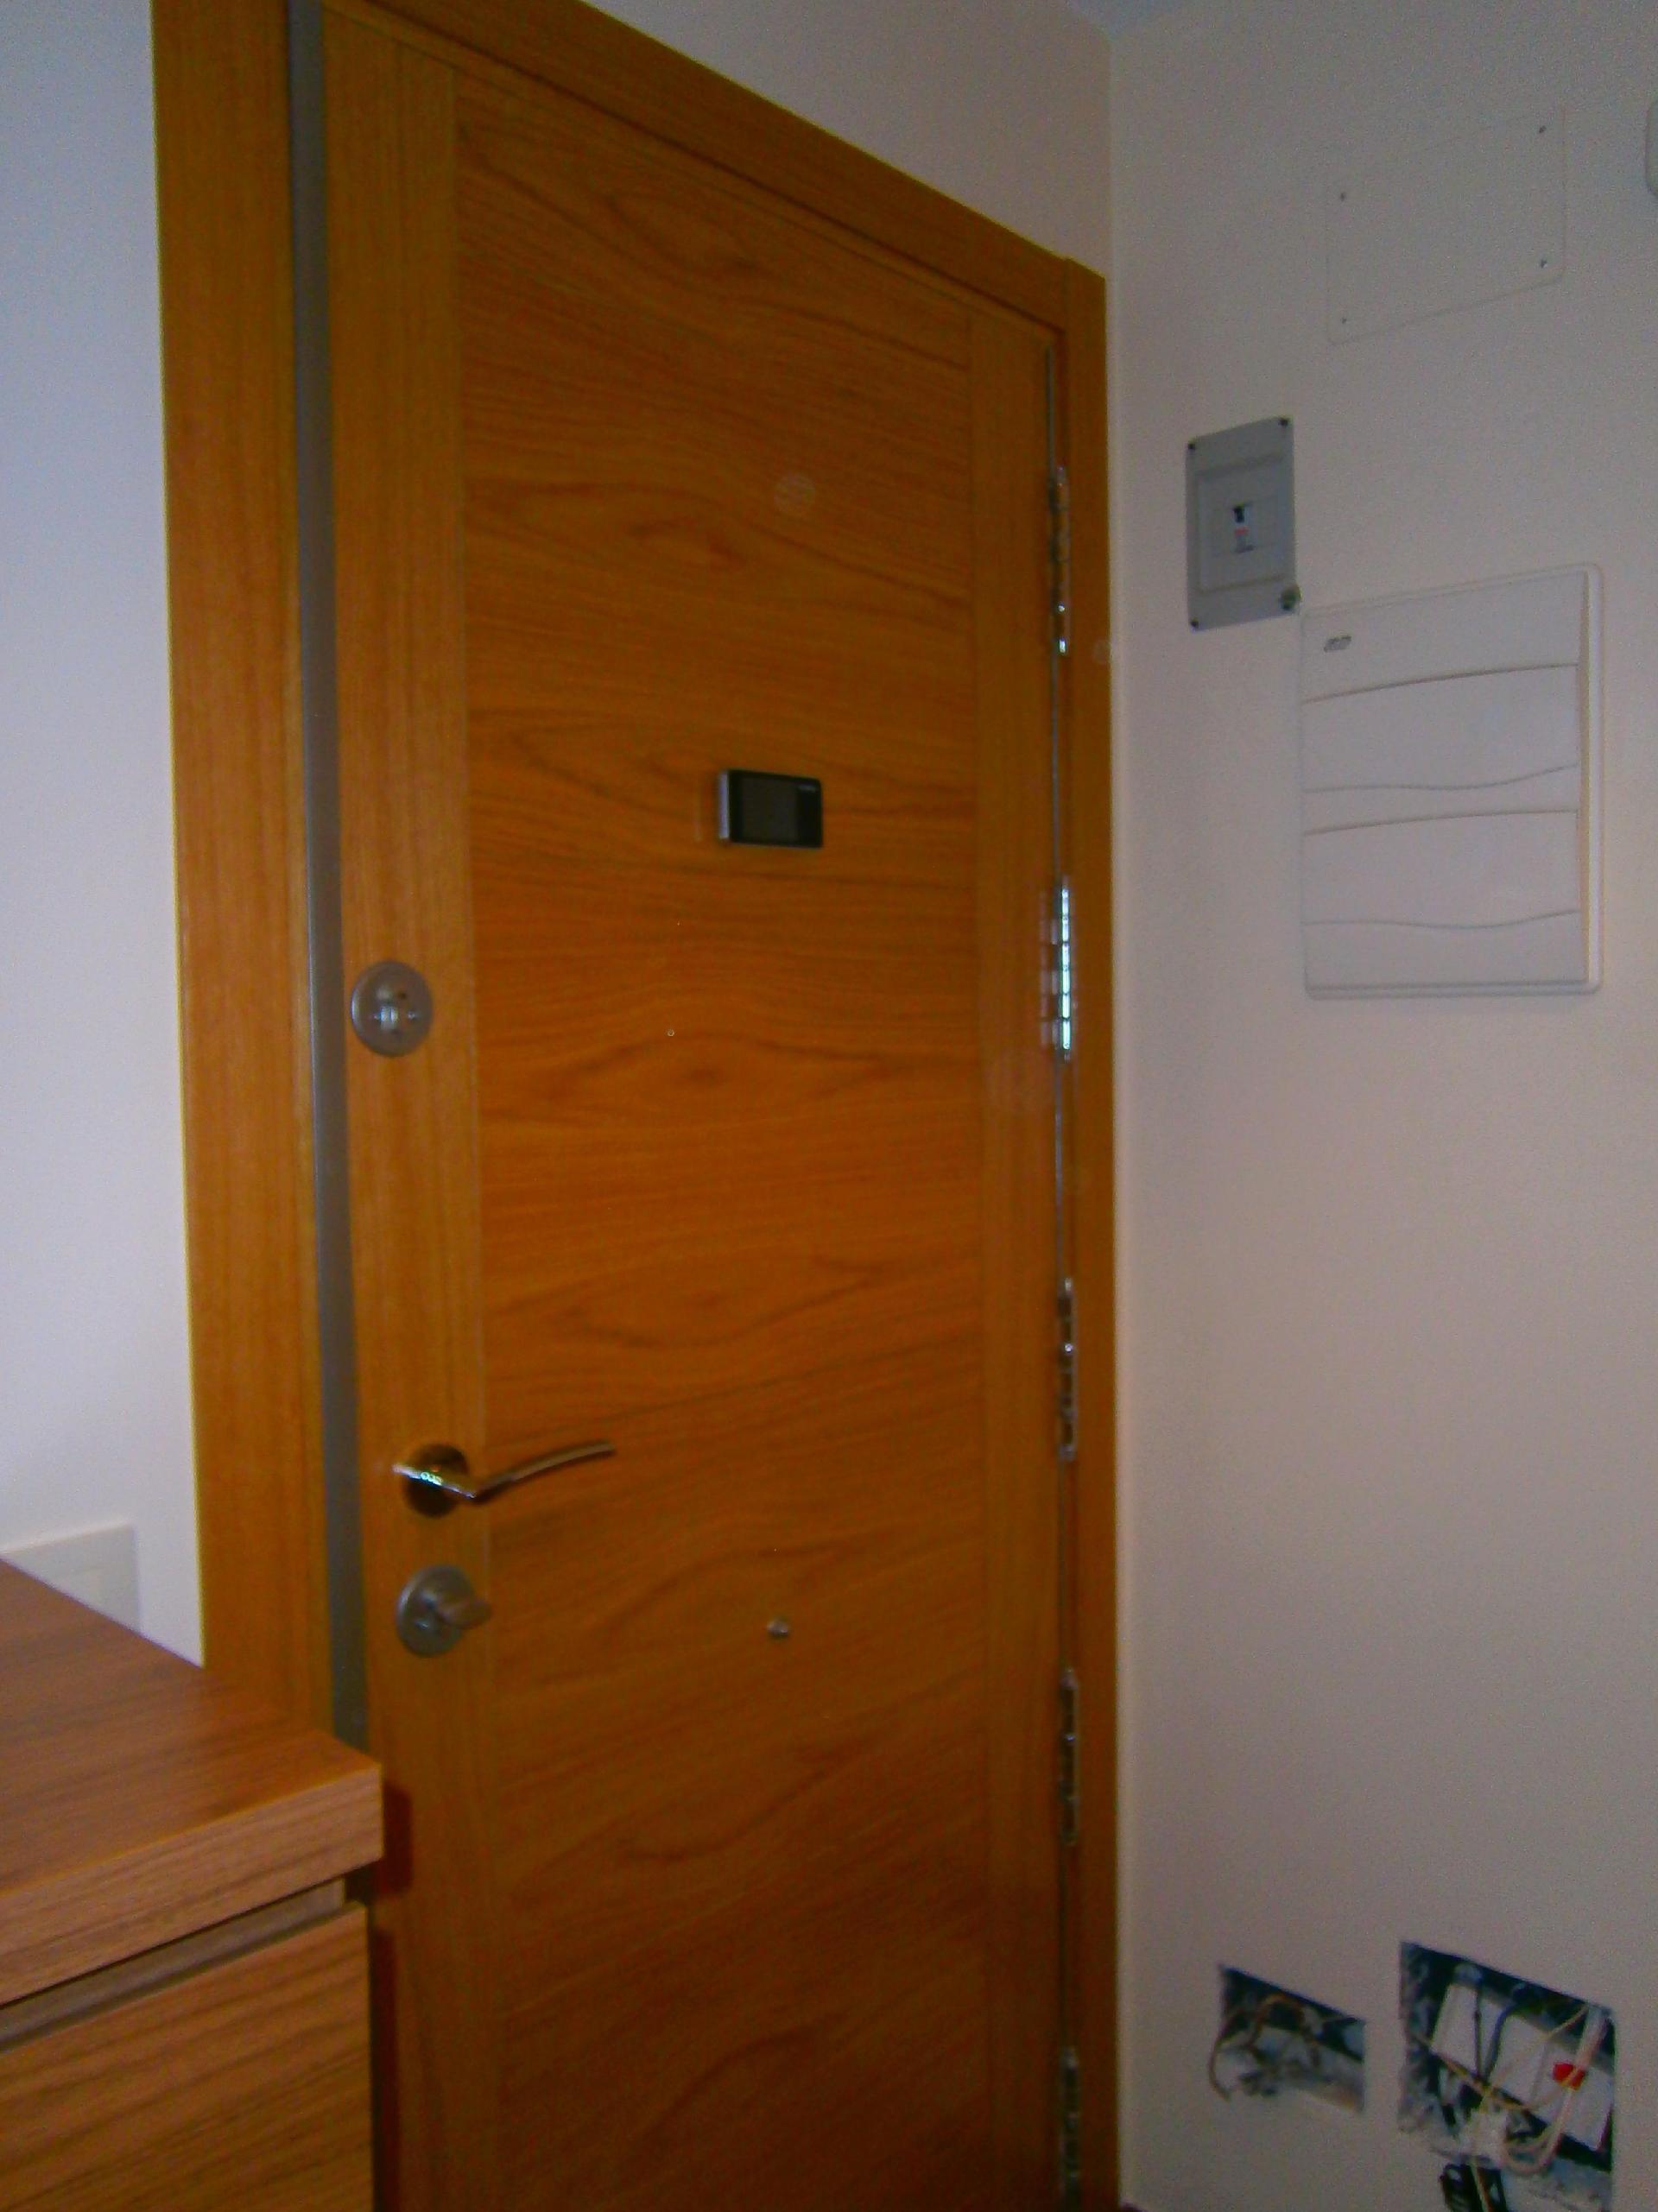 Cerradura puerta blindada amazing cerradura puerta - Cerraduras puertas blindadas ...